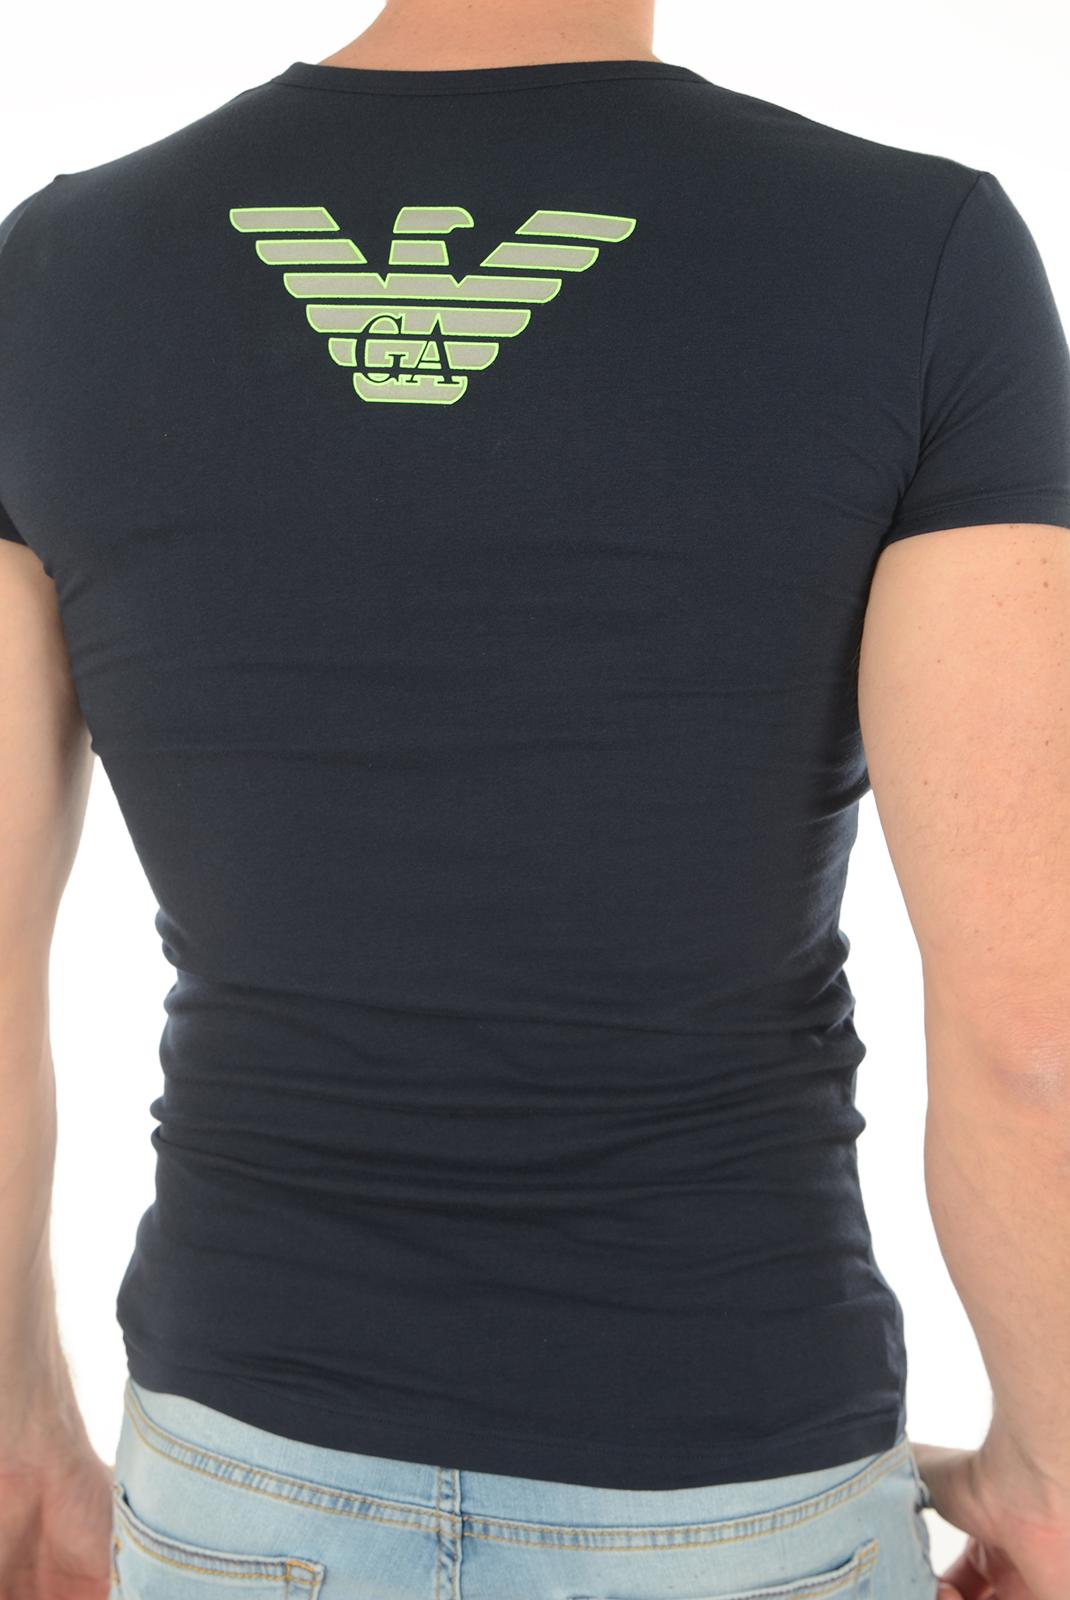 T-S manches courtes  Emporio armani 111035 6A725 0135 BLEU